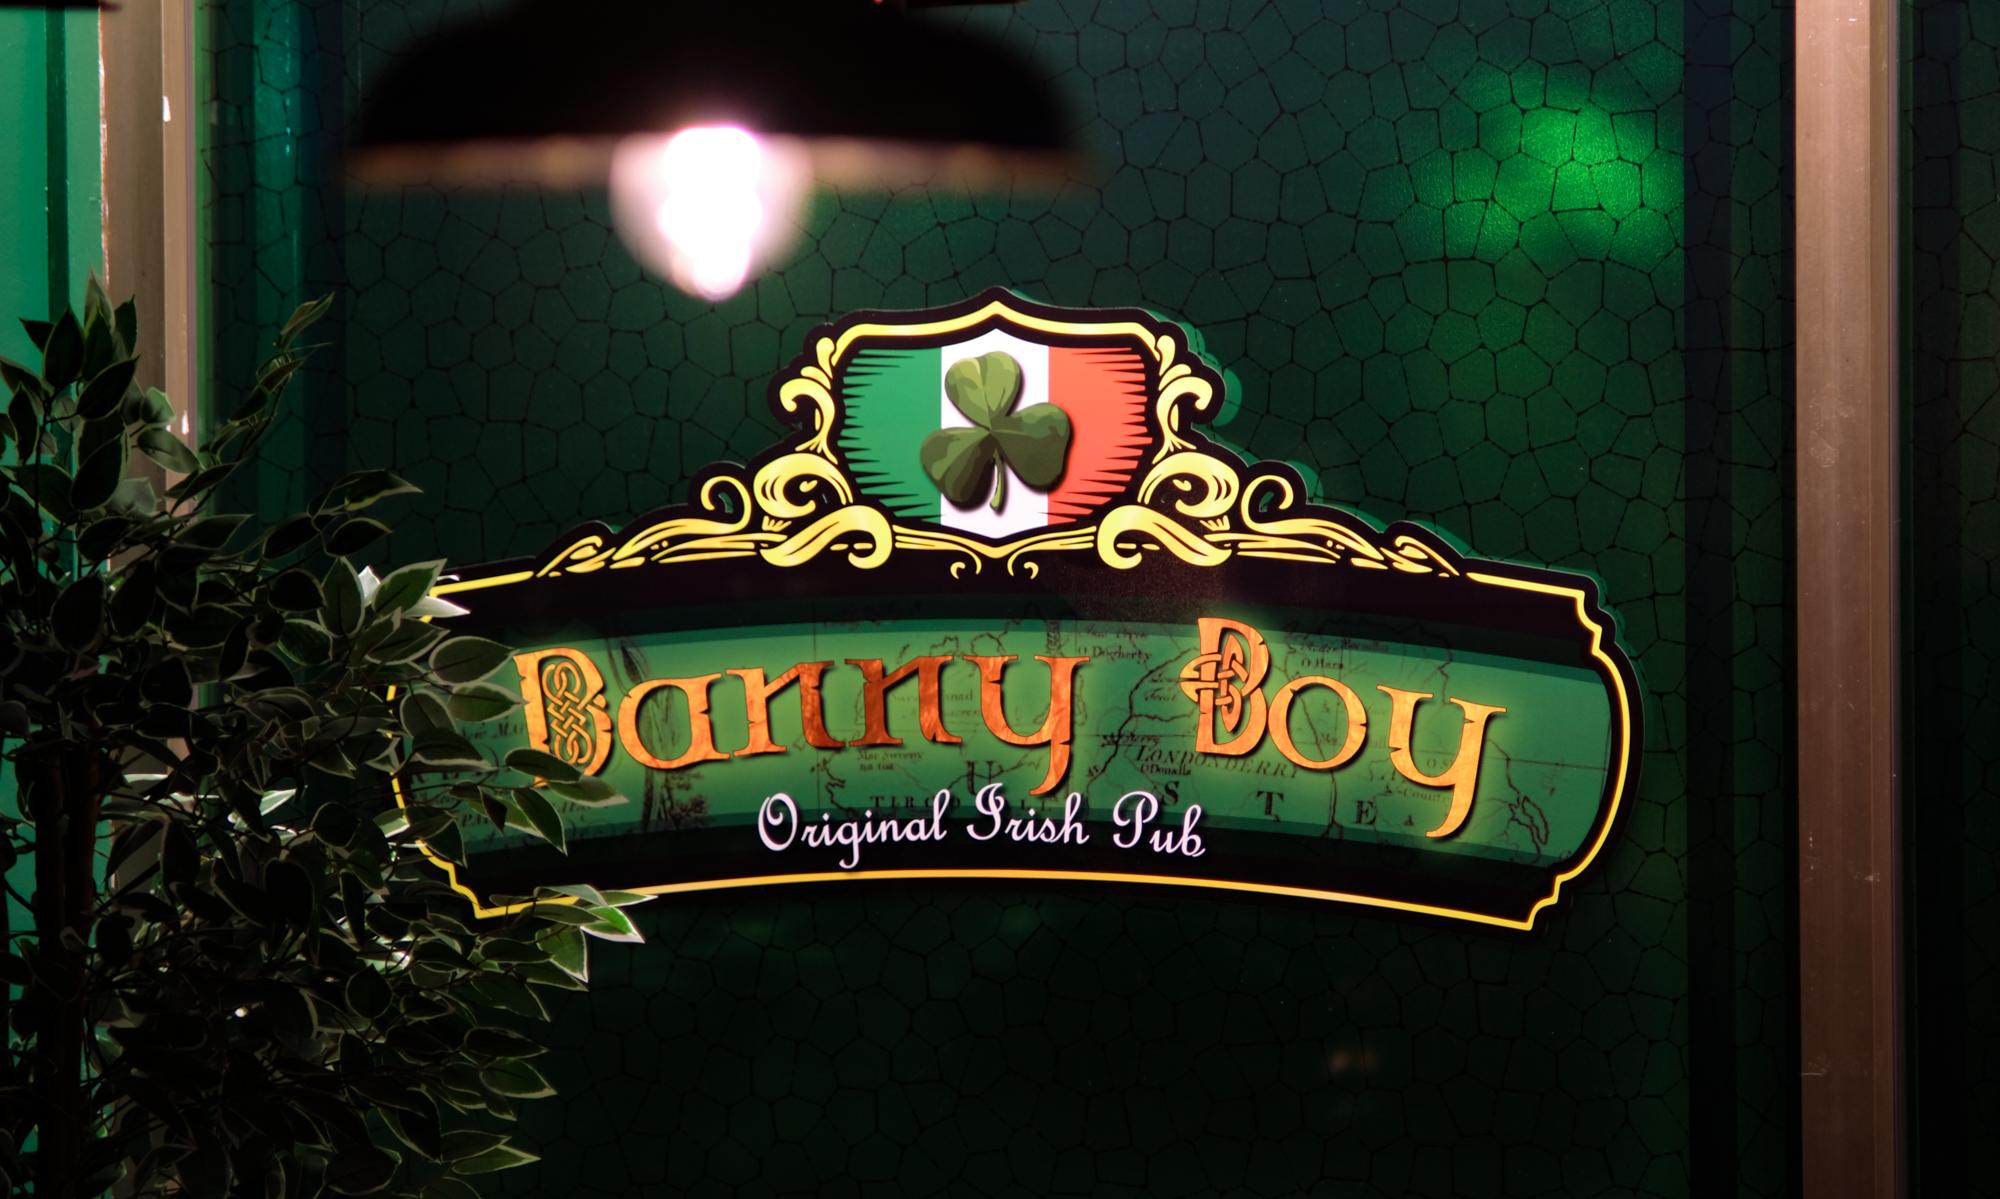 Irish Pub Danny boy